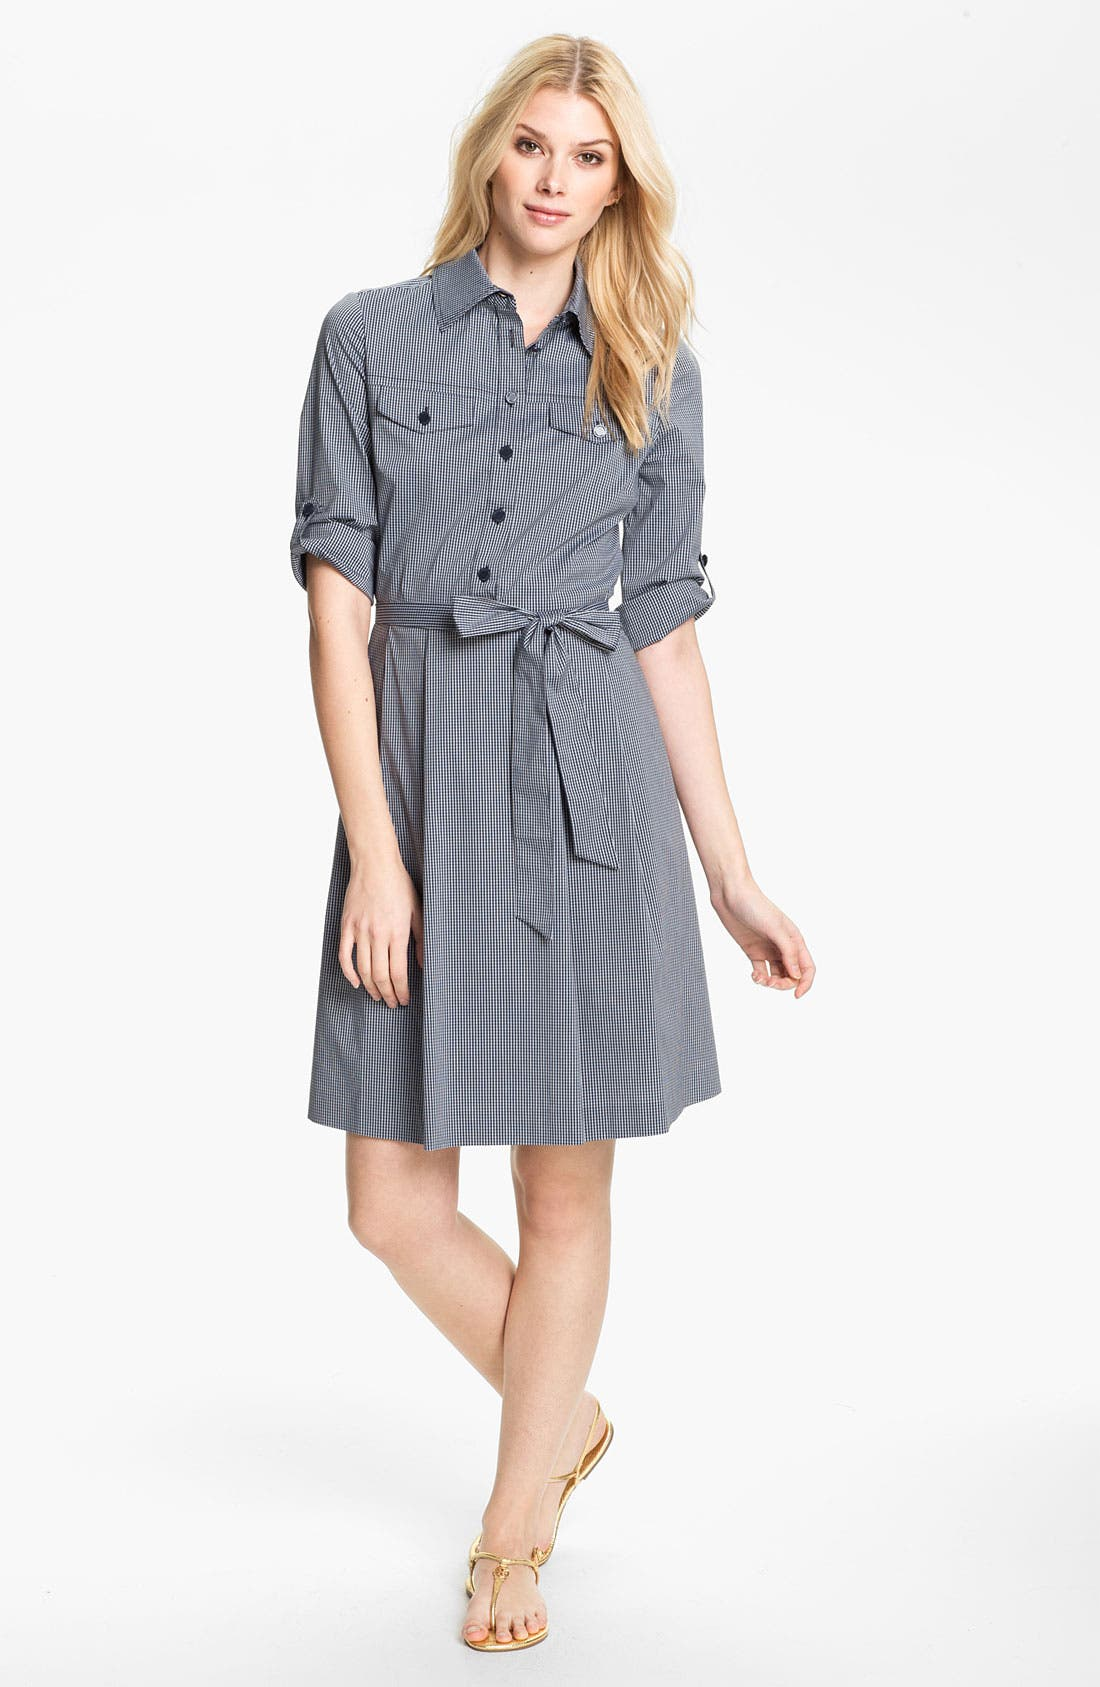 Alternate Image 1 Selected - Tory Burch 'Blythe' Stretch Poplin Shirtdress